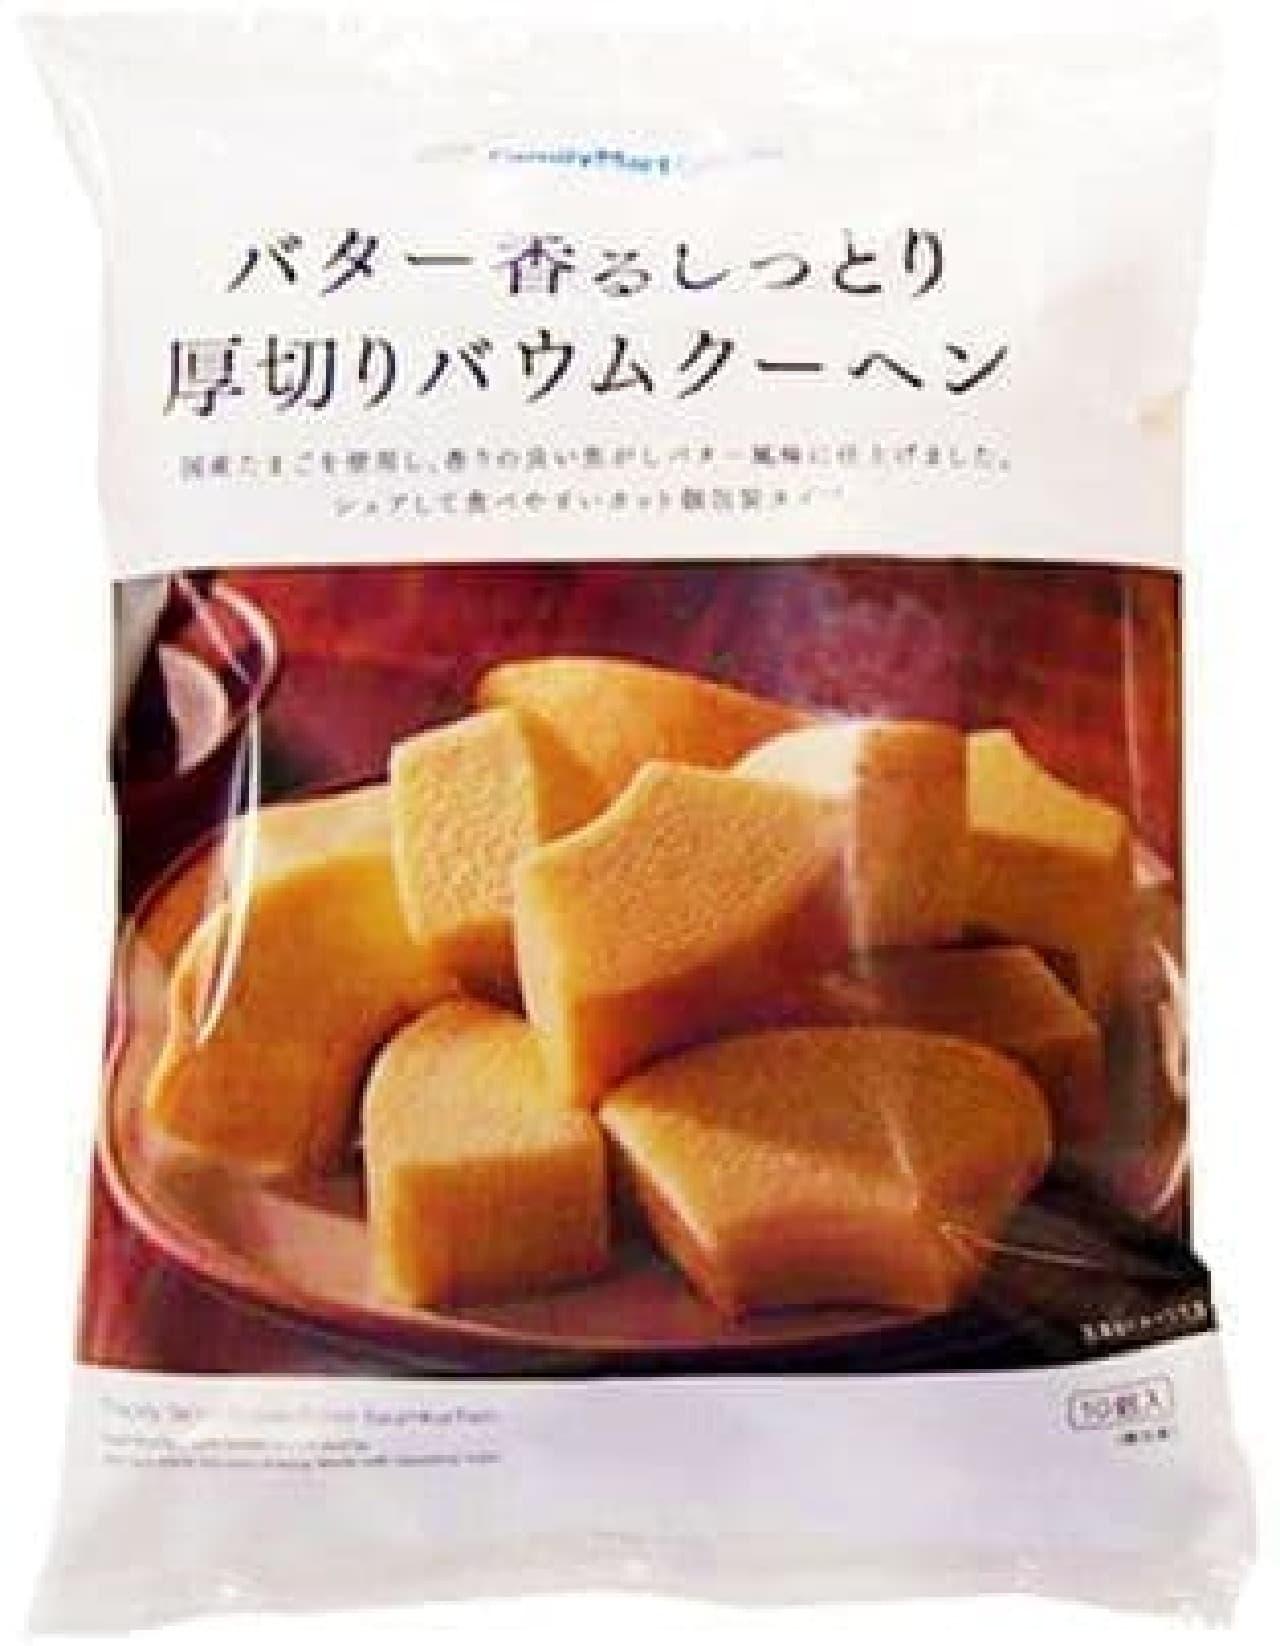 ファミリーマート「バター香るしっとり厚切りバウムクーヘン(10個入り)」